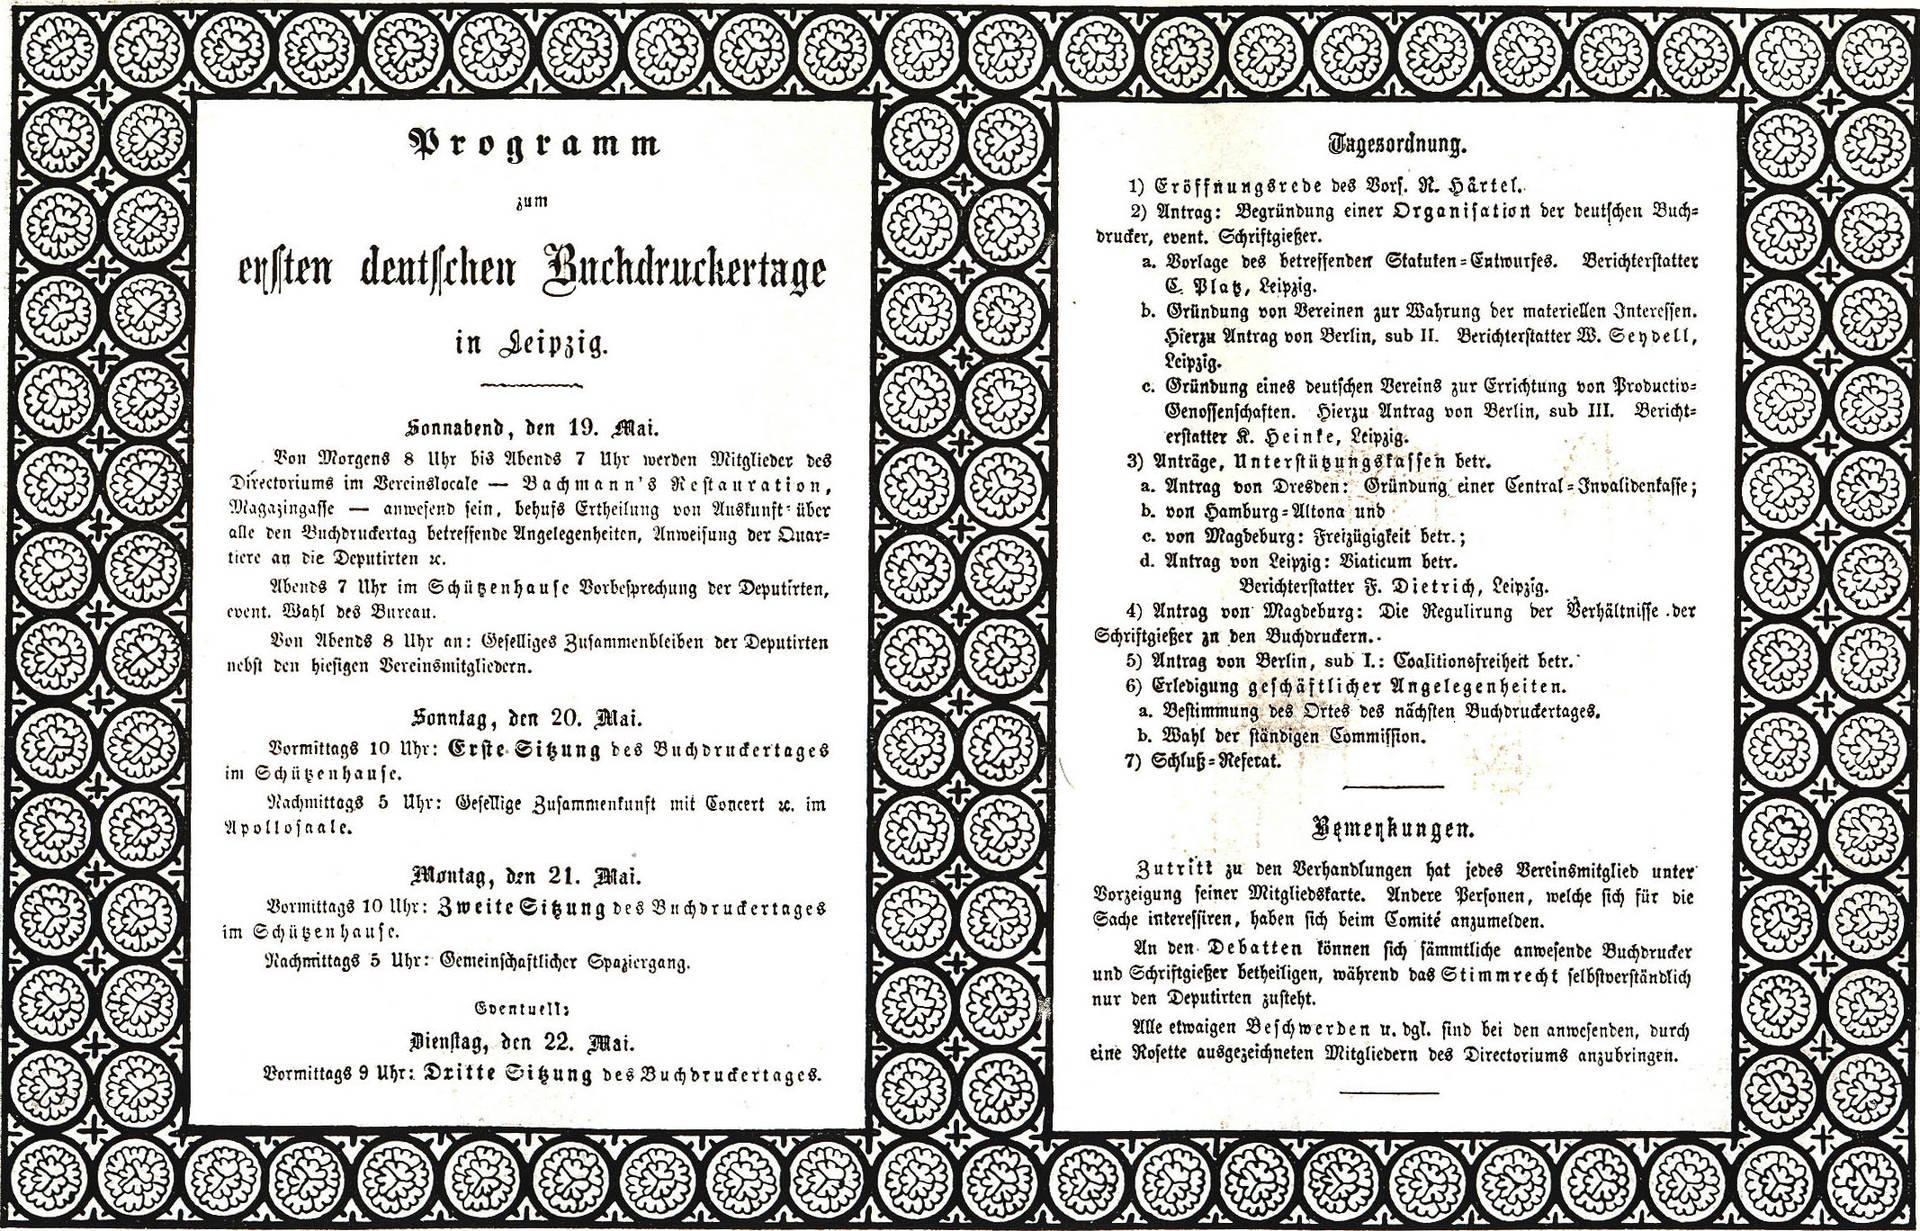 Programm zum ersten deutschen Buchdruckertag in Leipzig  | aus: Der Verband der Deutschen Buchdrucker 1866 – 1916, hrsg. Vom Vorstand des Verbandes der Deutschen Buchdrucker, Erster Band, Berlin 1916, S. 296f, ver.di-Archiv